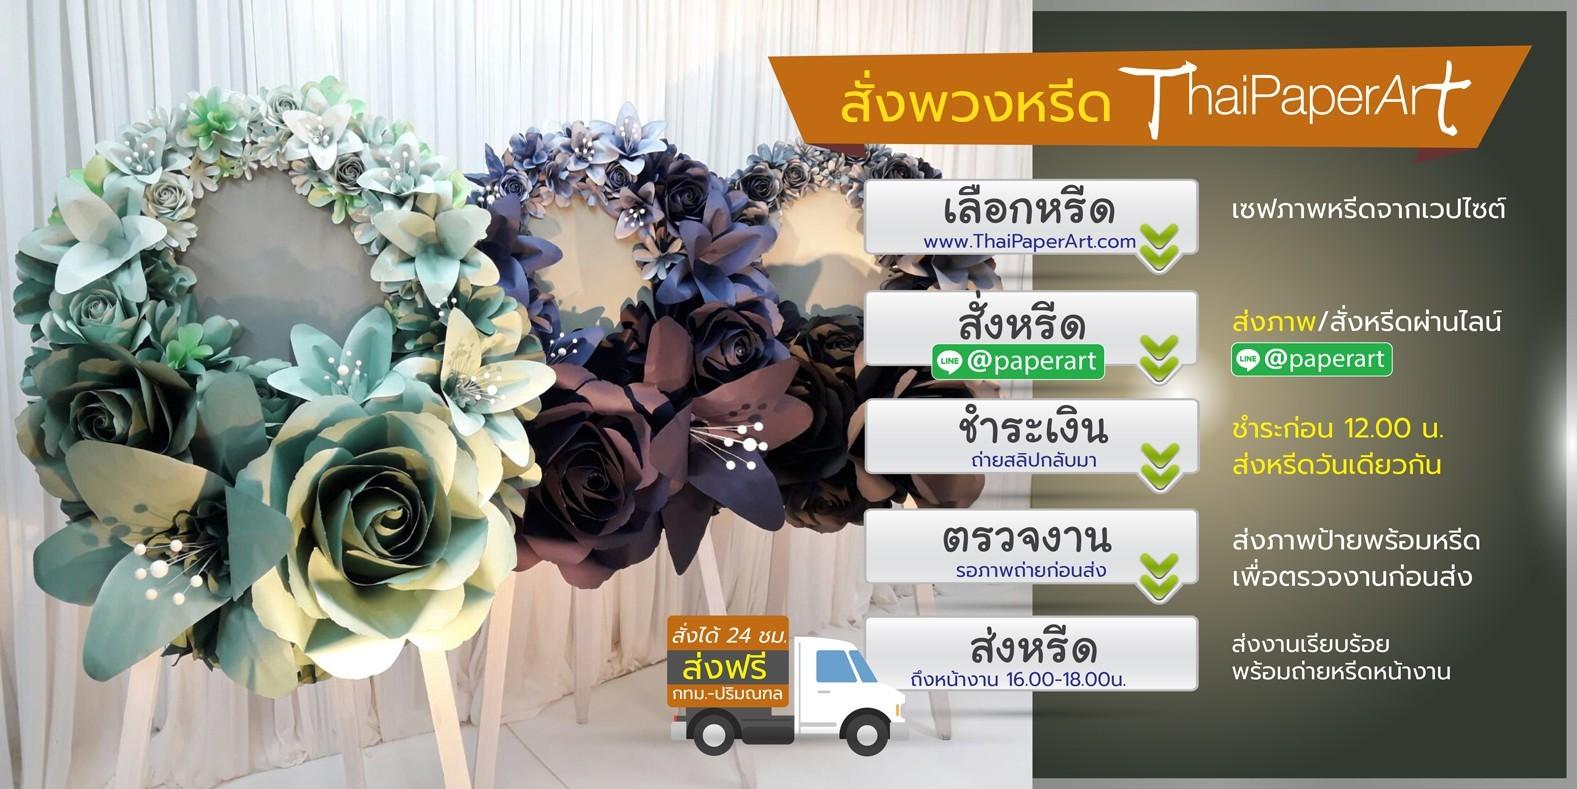 การสั่งหรีดดอกไม้กระดาษ